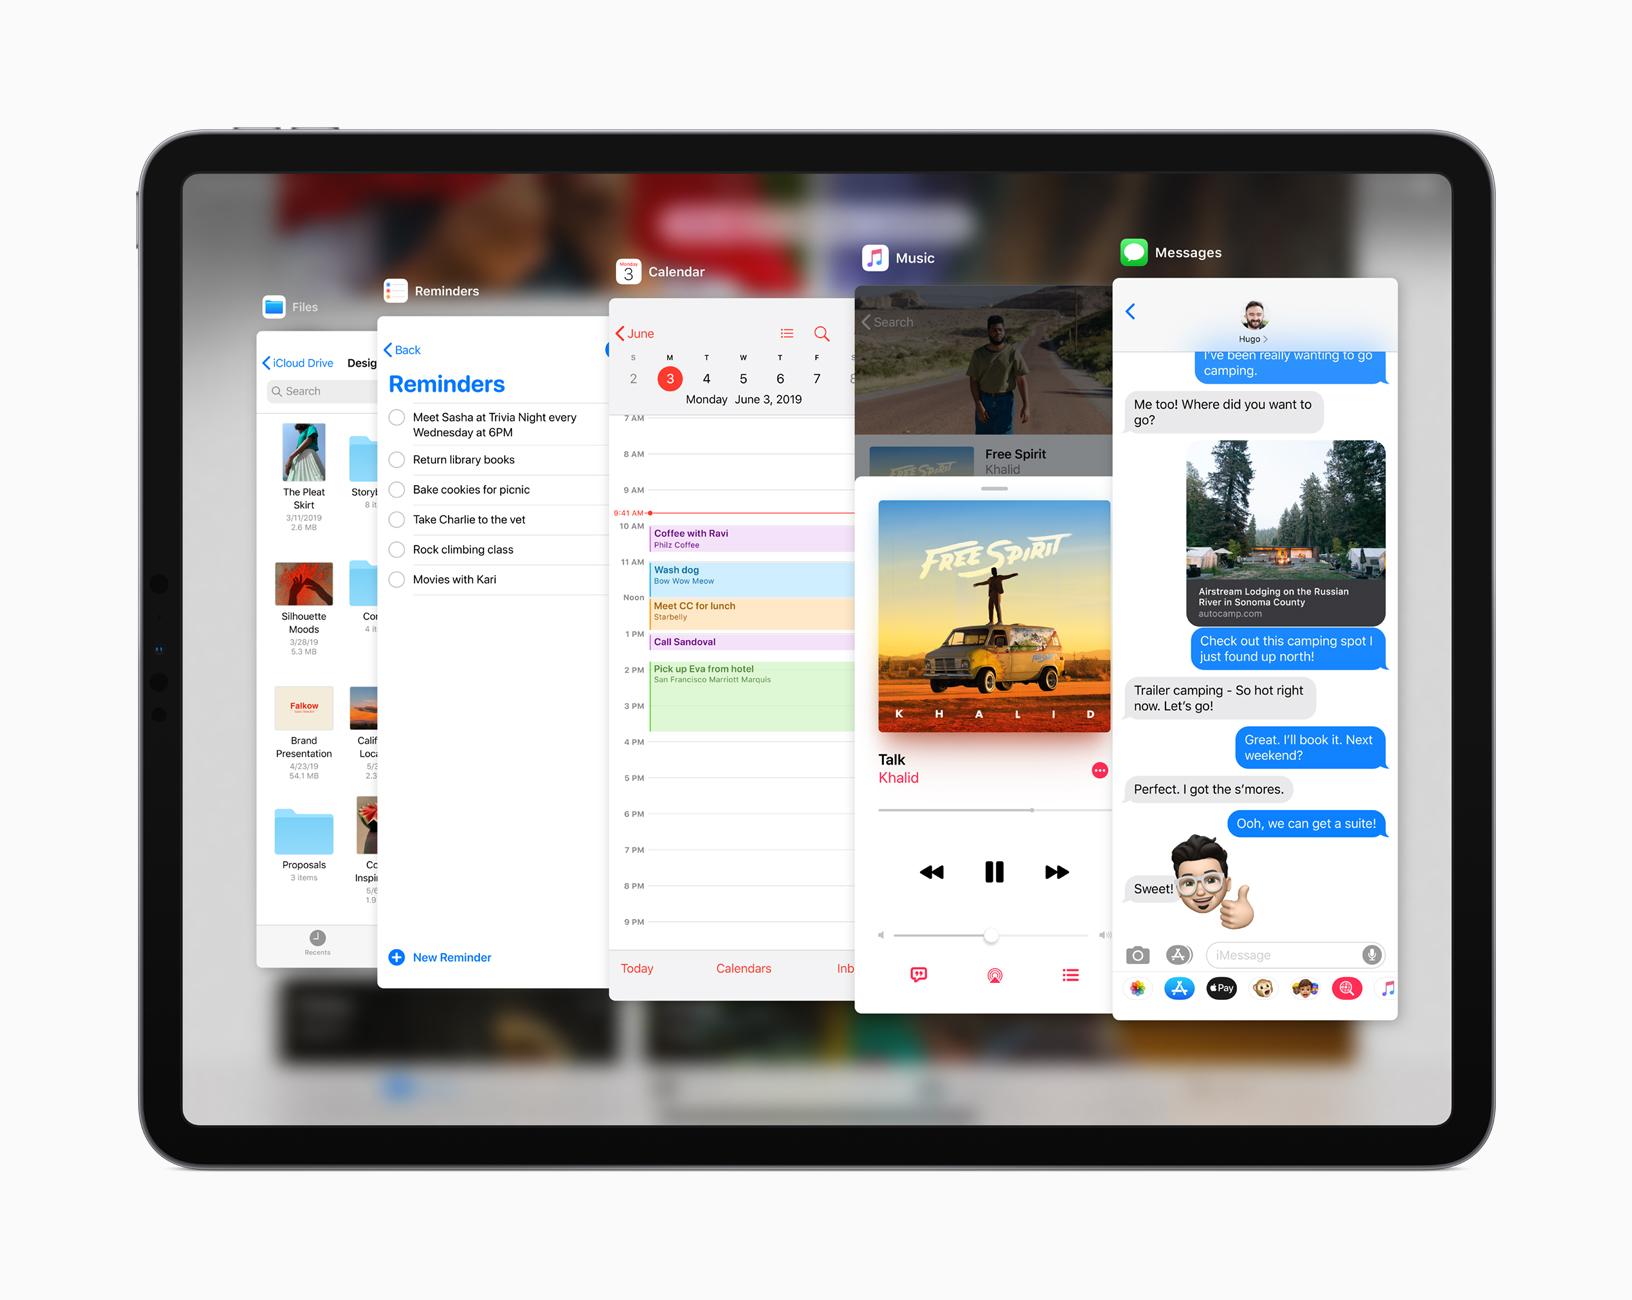 iPadOS 4